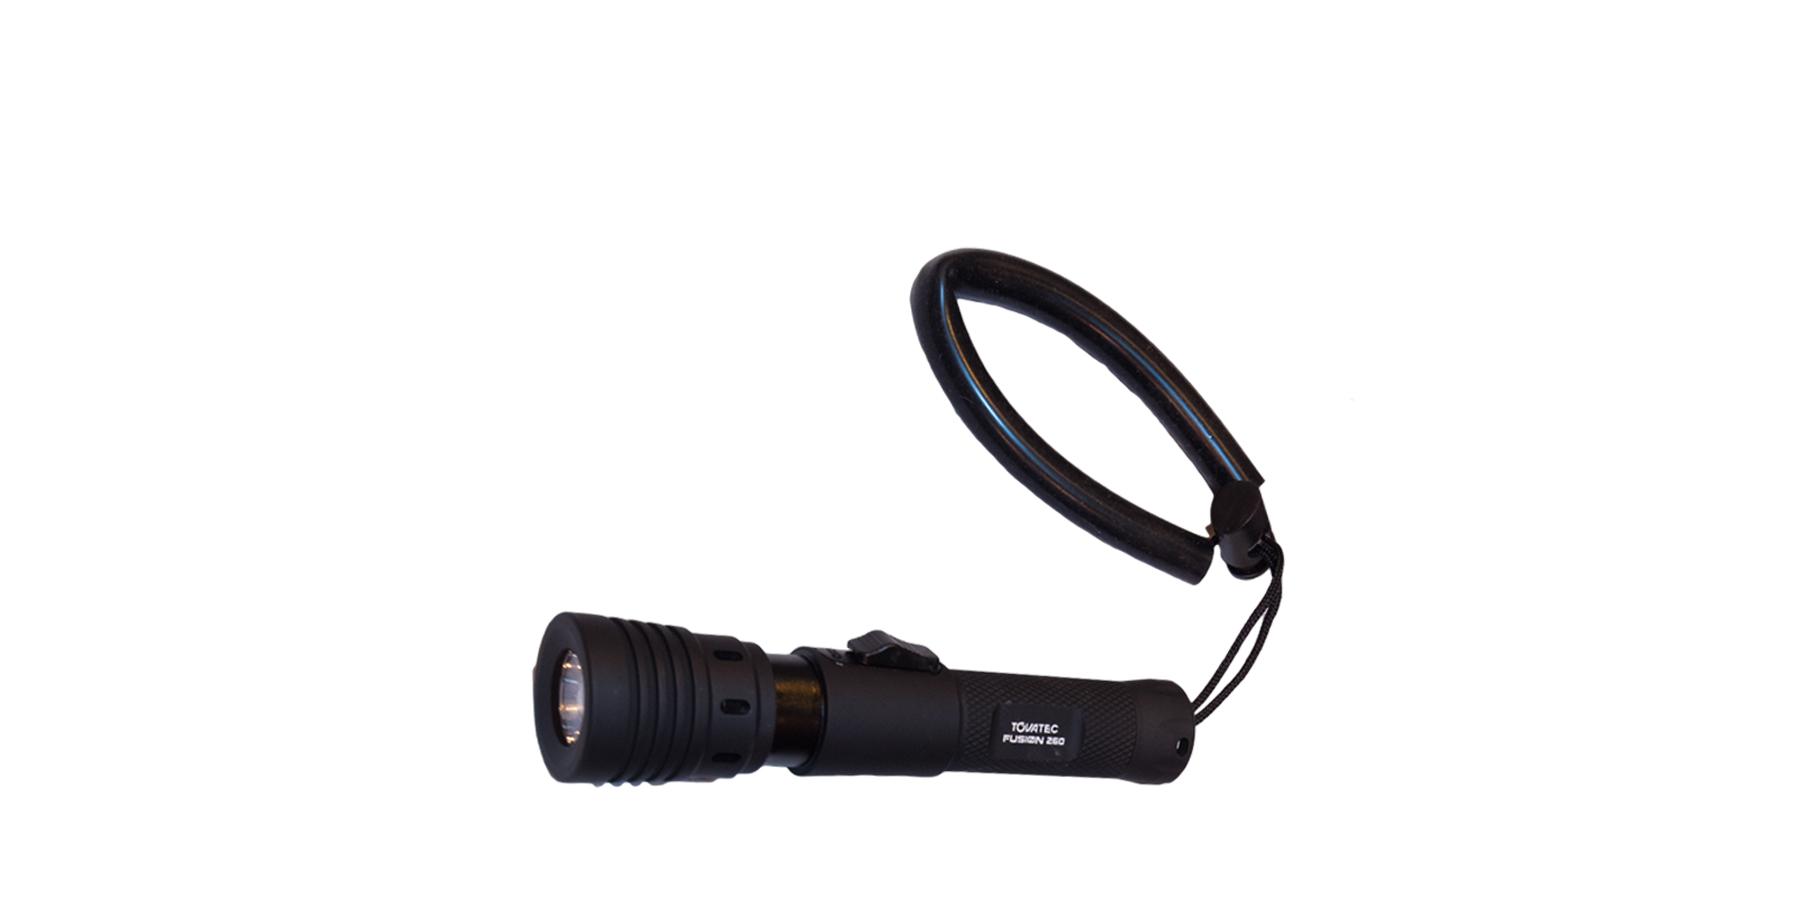 fusion260 - Une lampe pleine de ressources